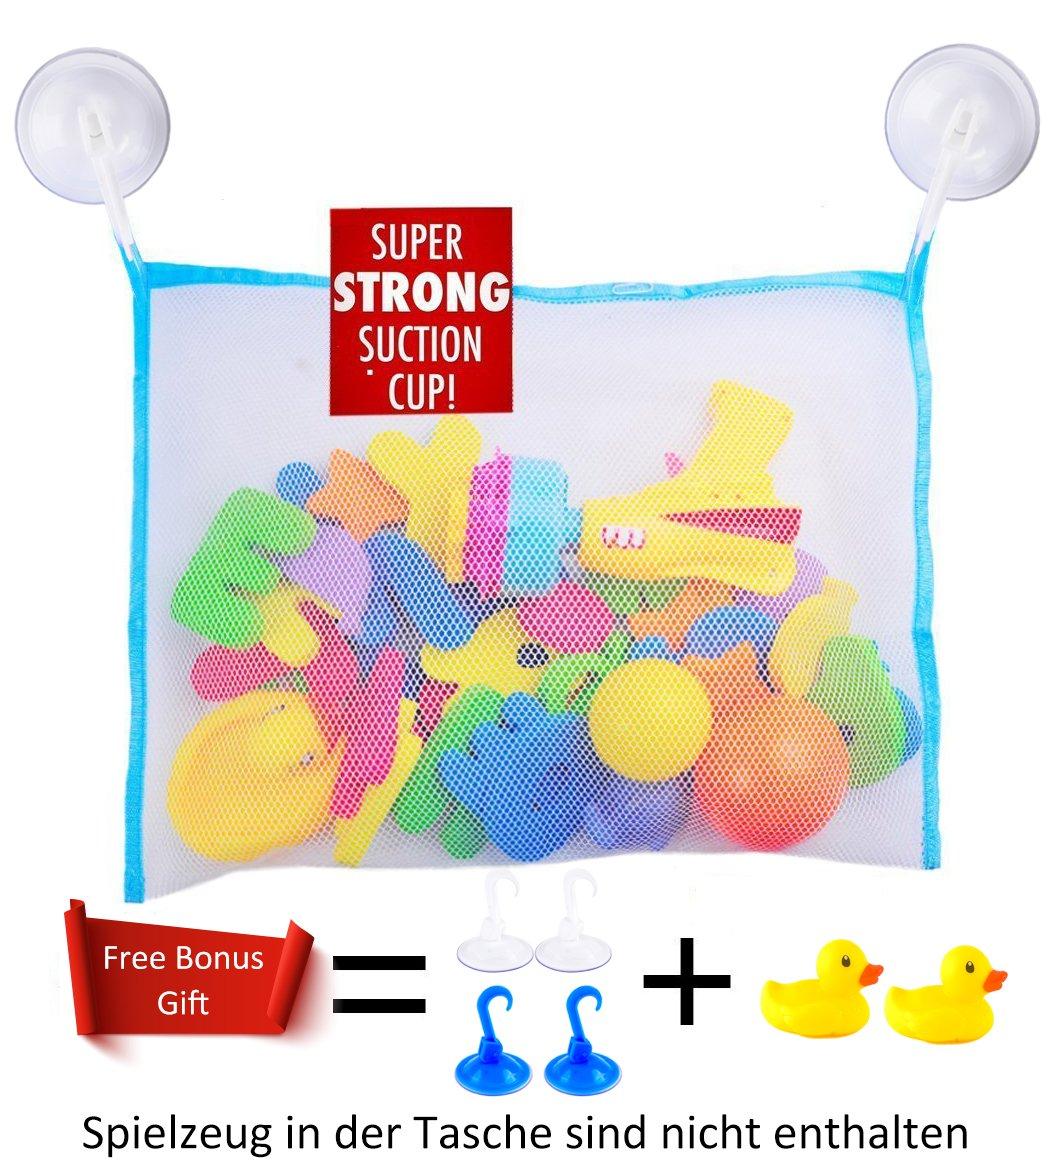 Baby Badespielzeug Aufbewahrung, hochwertiger Badewannenspielzeug Organizer mit 2x Badeenten und 4 Saugnäpfen (Blau) Sunshine